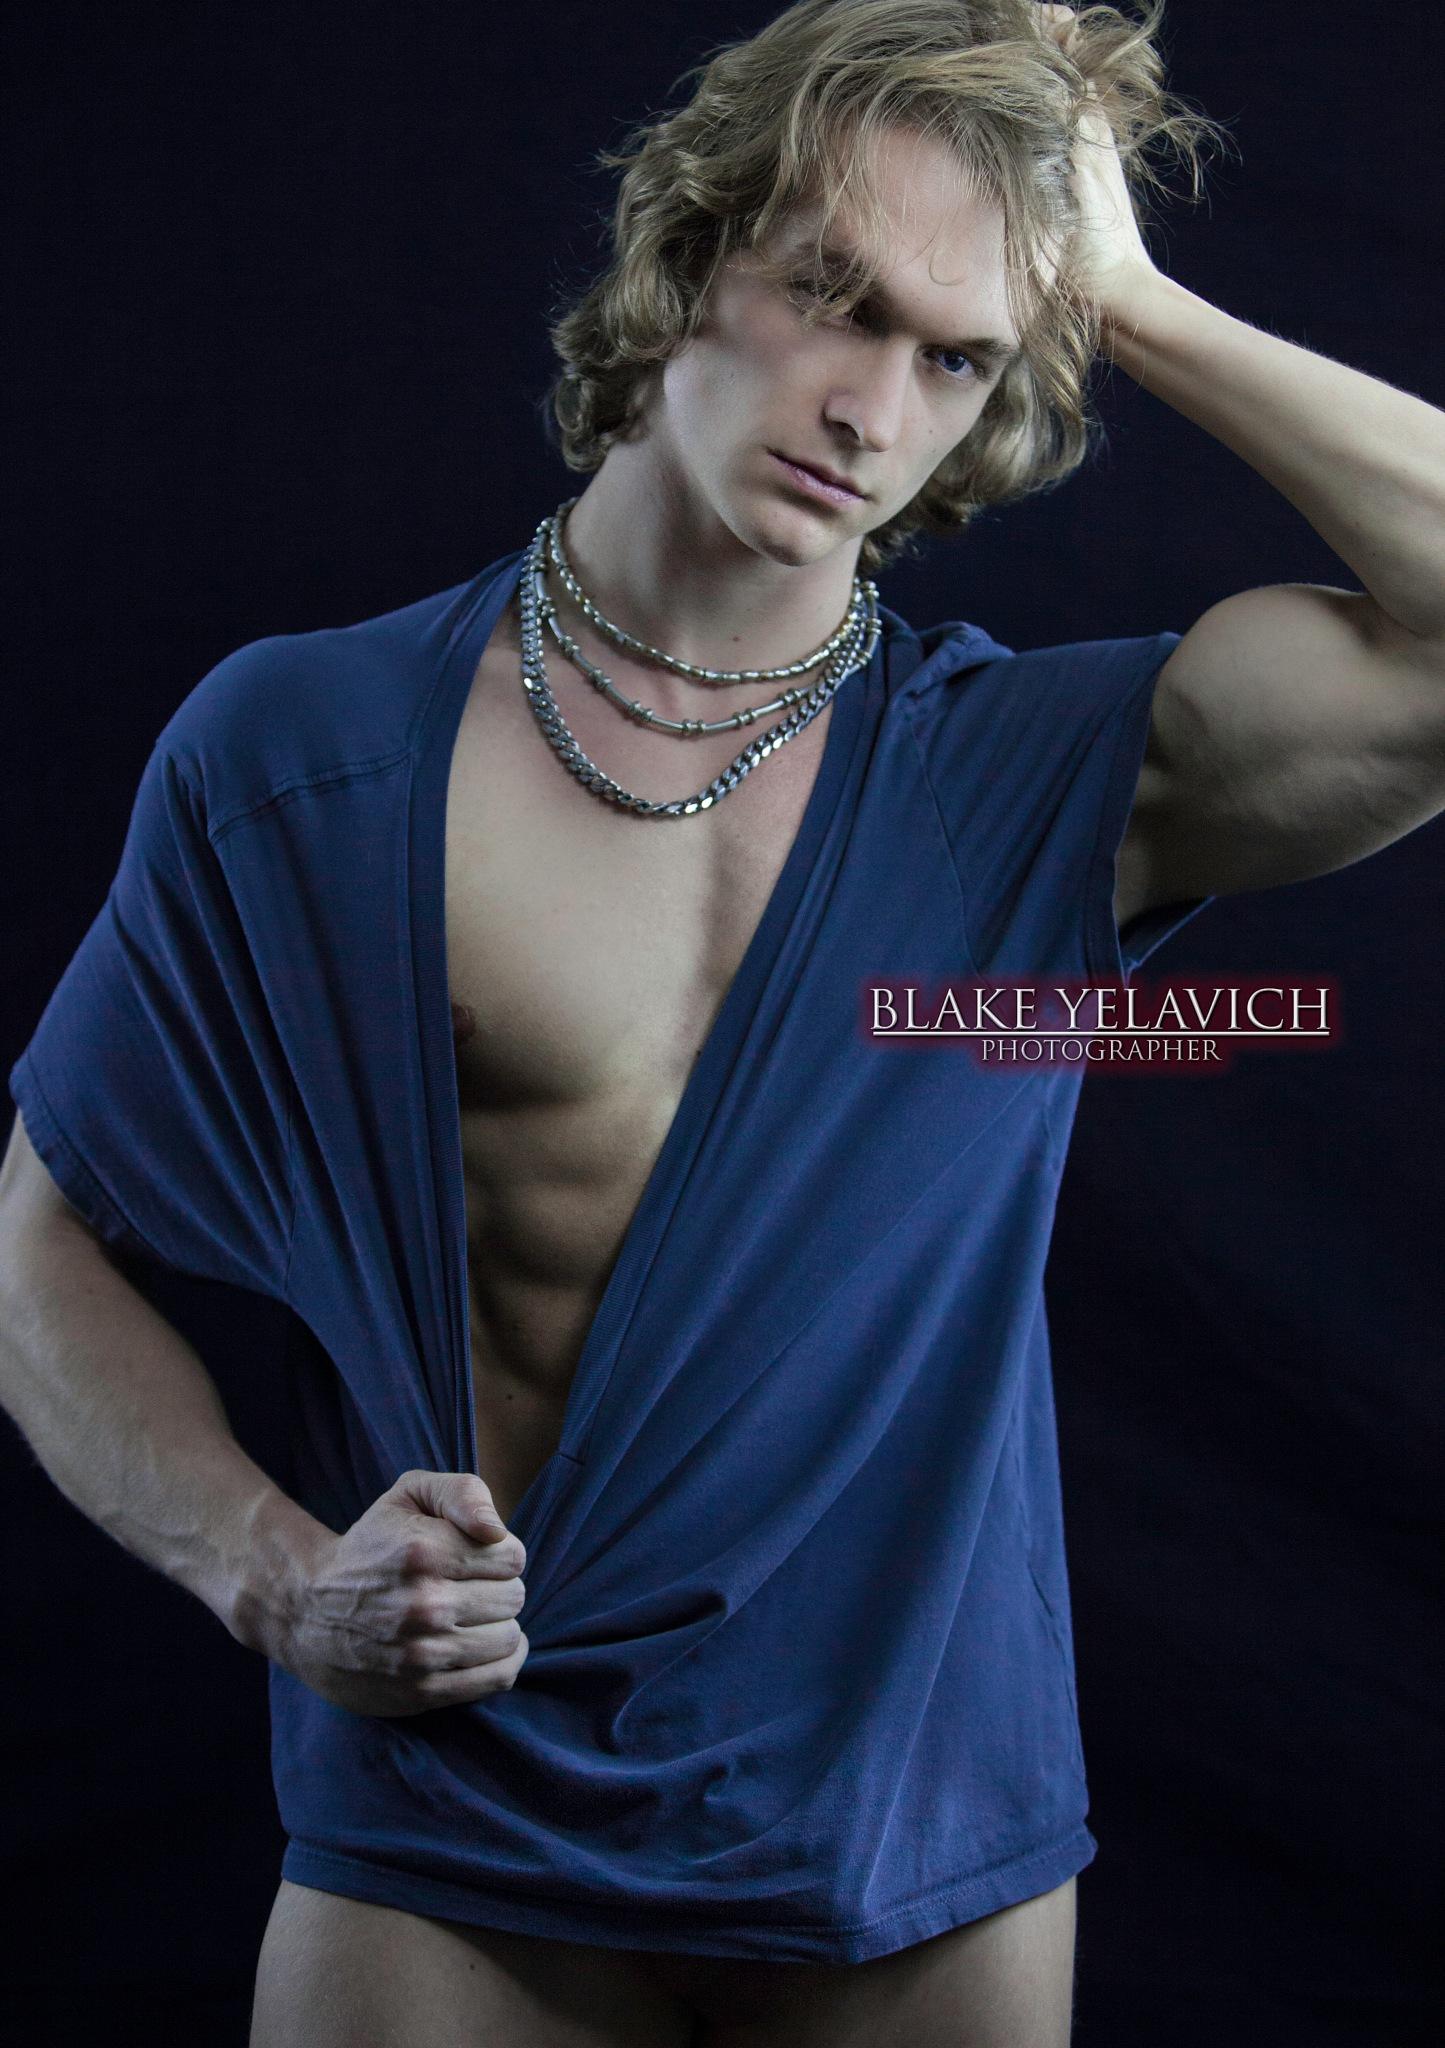 Daniel Black by Blake Yelavich for MenOfUtah.com by Blake Yelavich